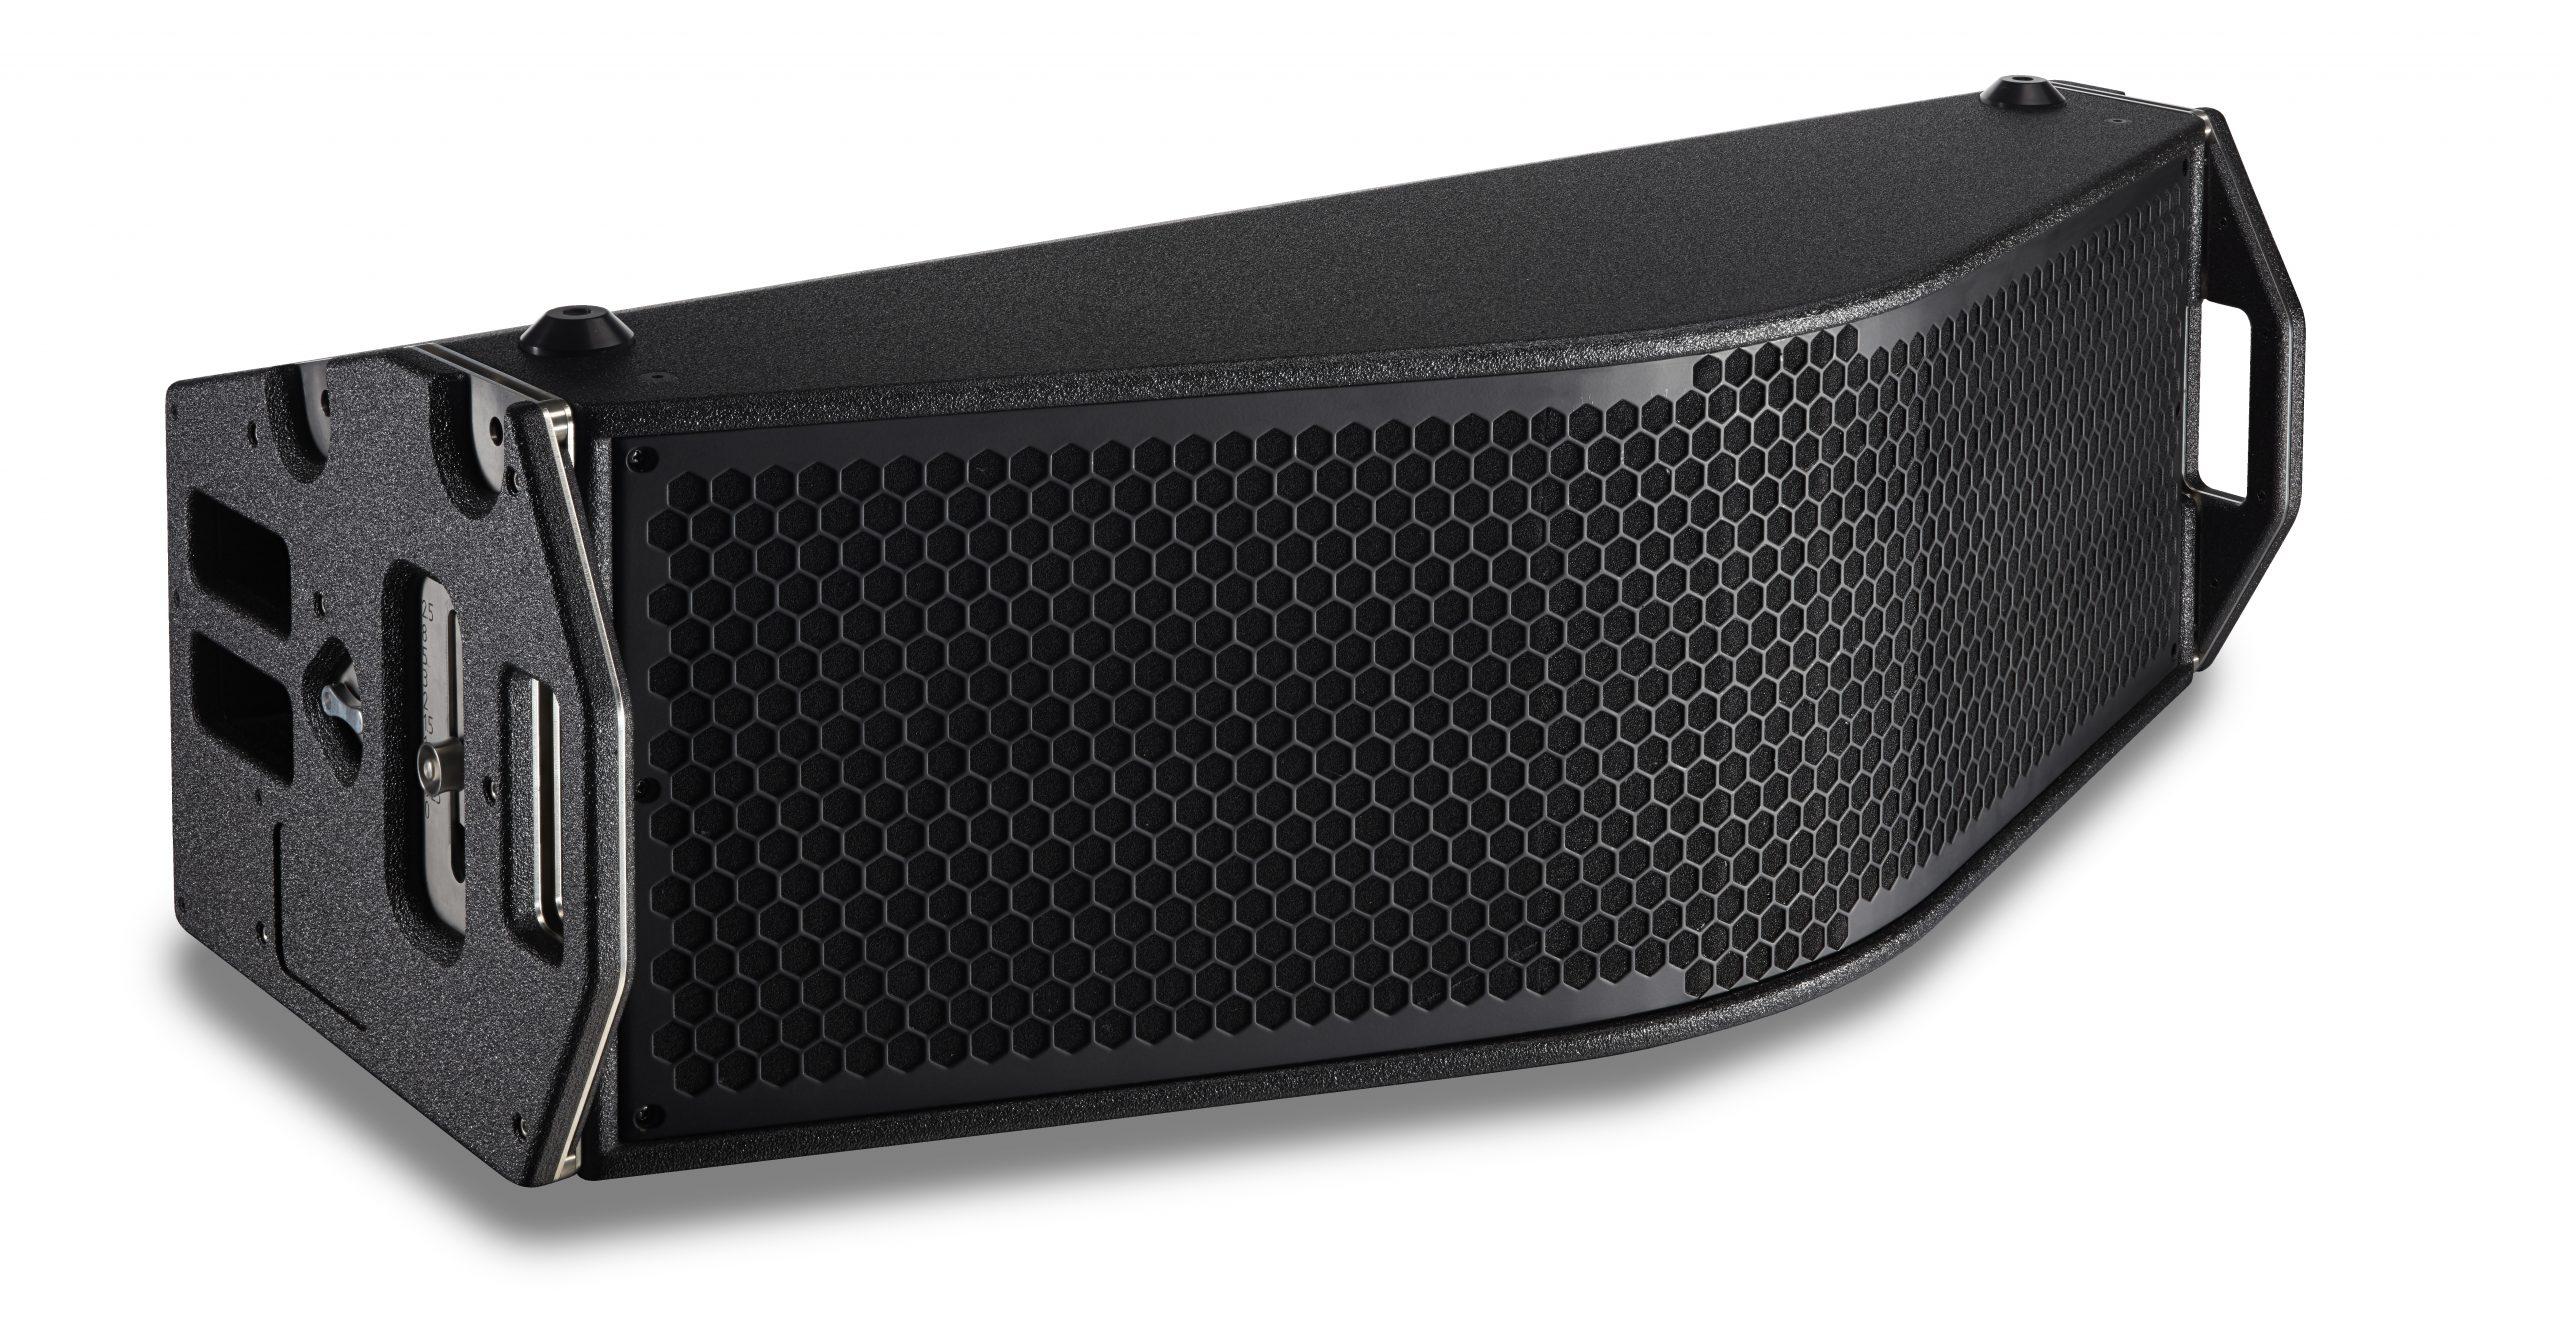 Funktion-One Vero VX speaker